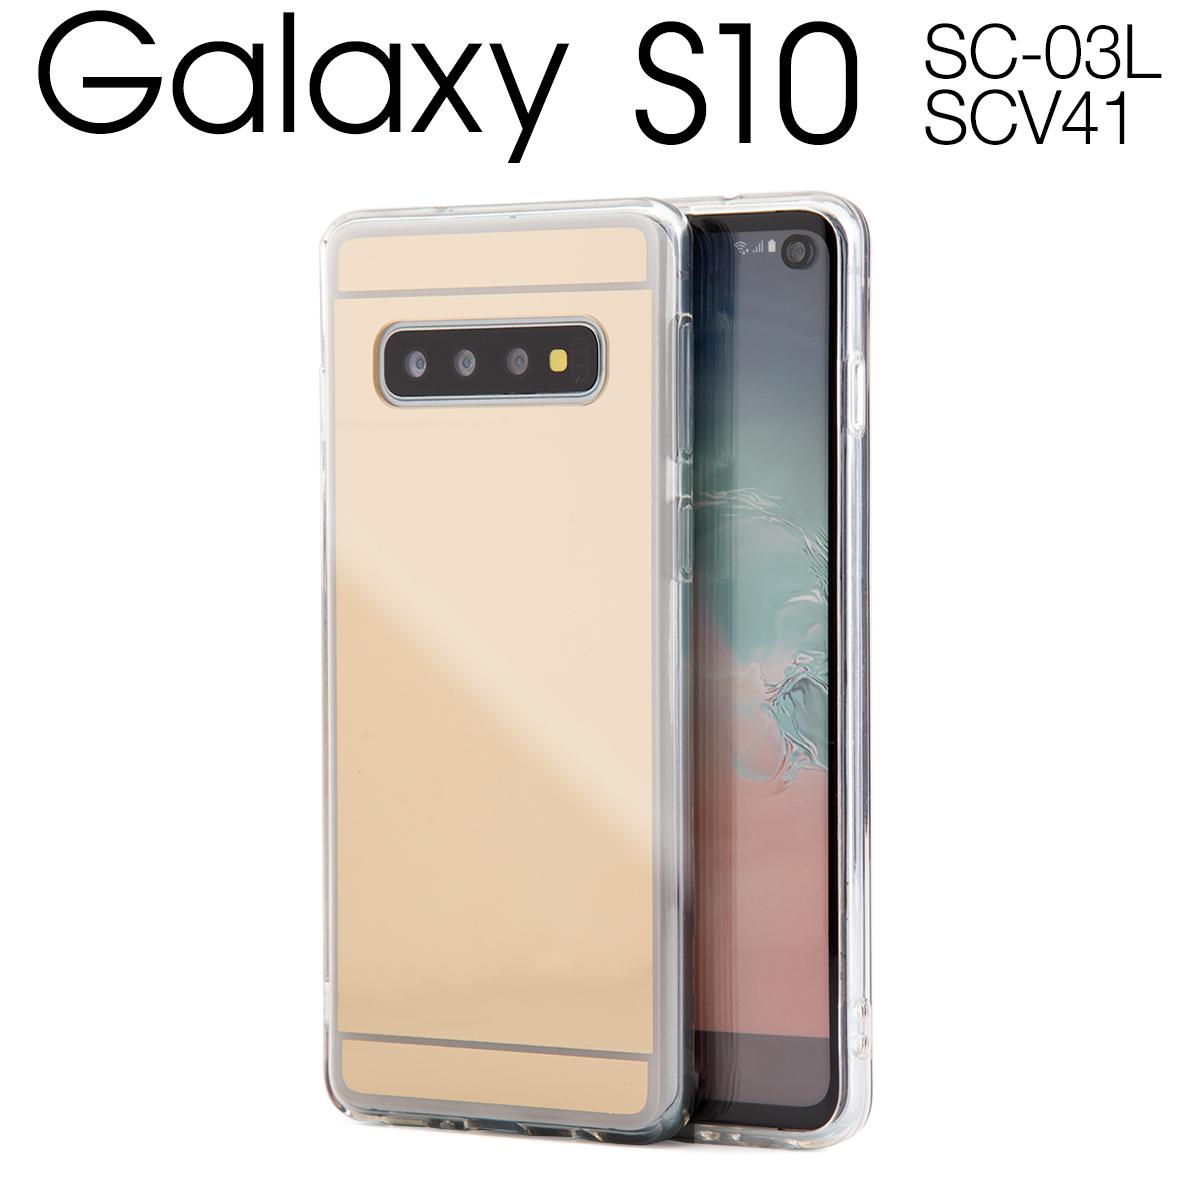 Galaxy S10+ SC-04L SCV42 背面ミラー TPU ケース